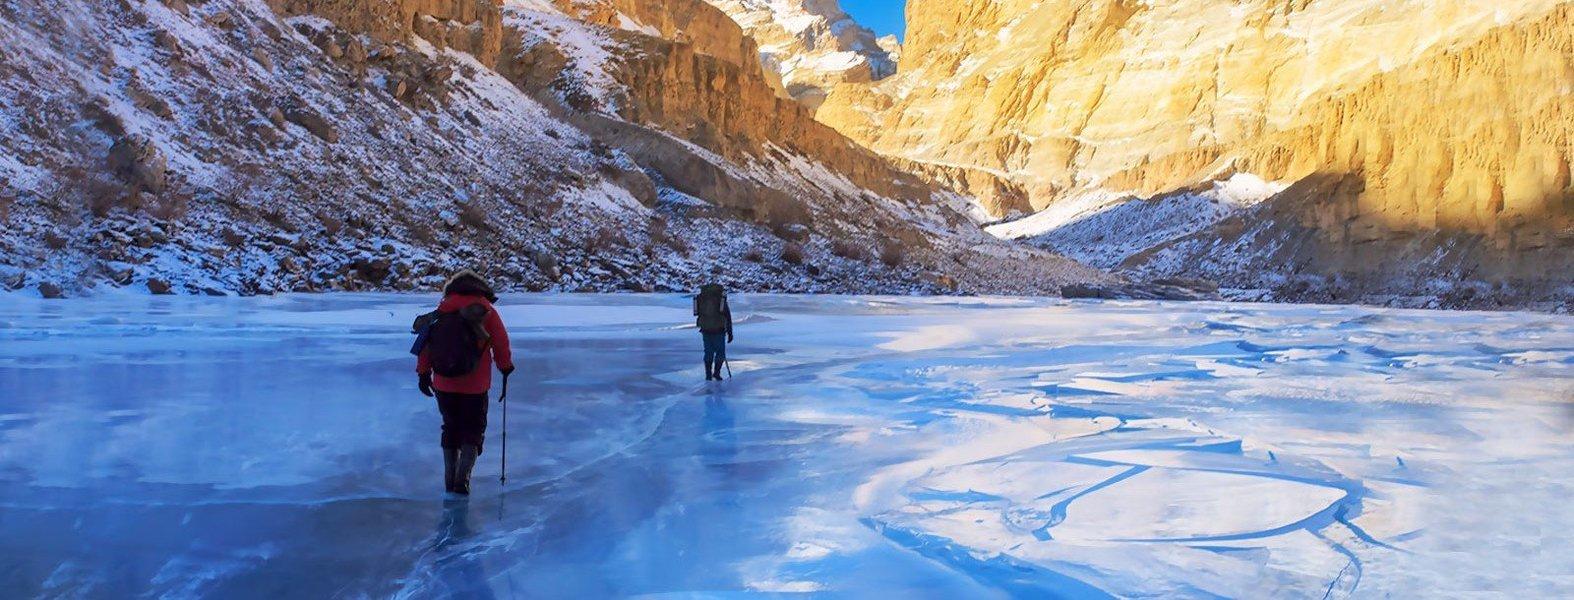 Chadar Trek – Adrenaline Rush on Zanskar - Tour